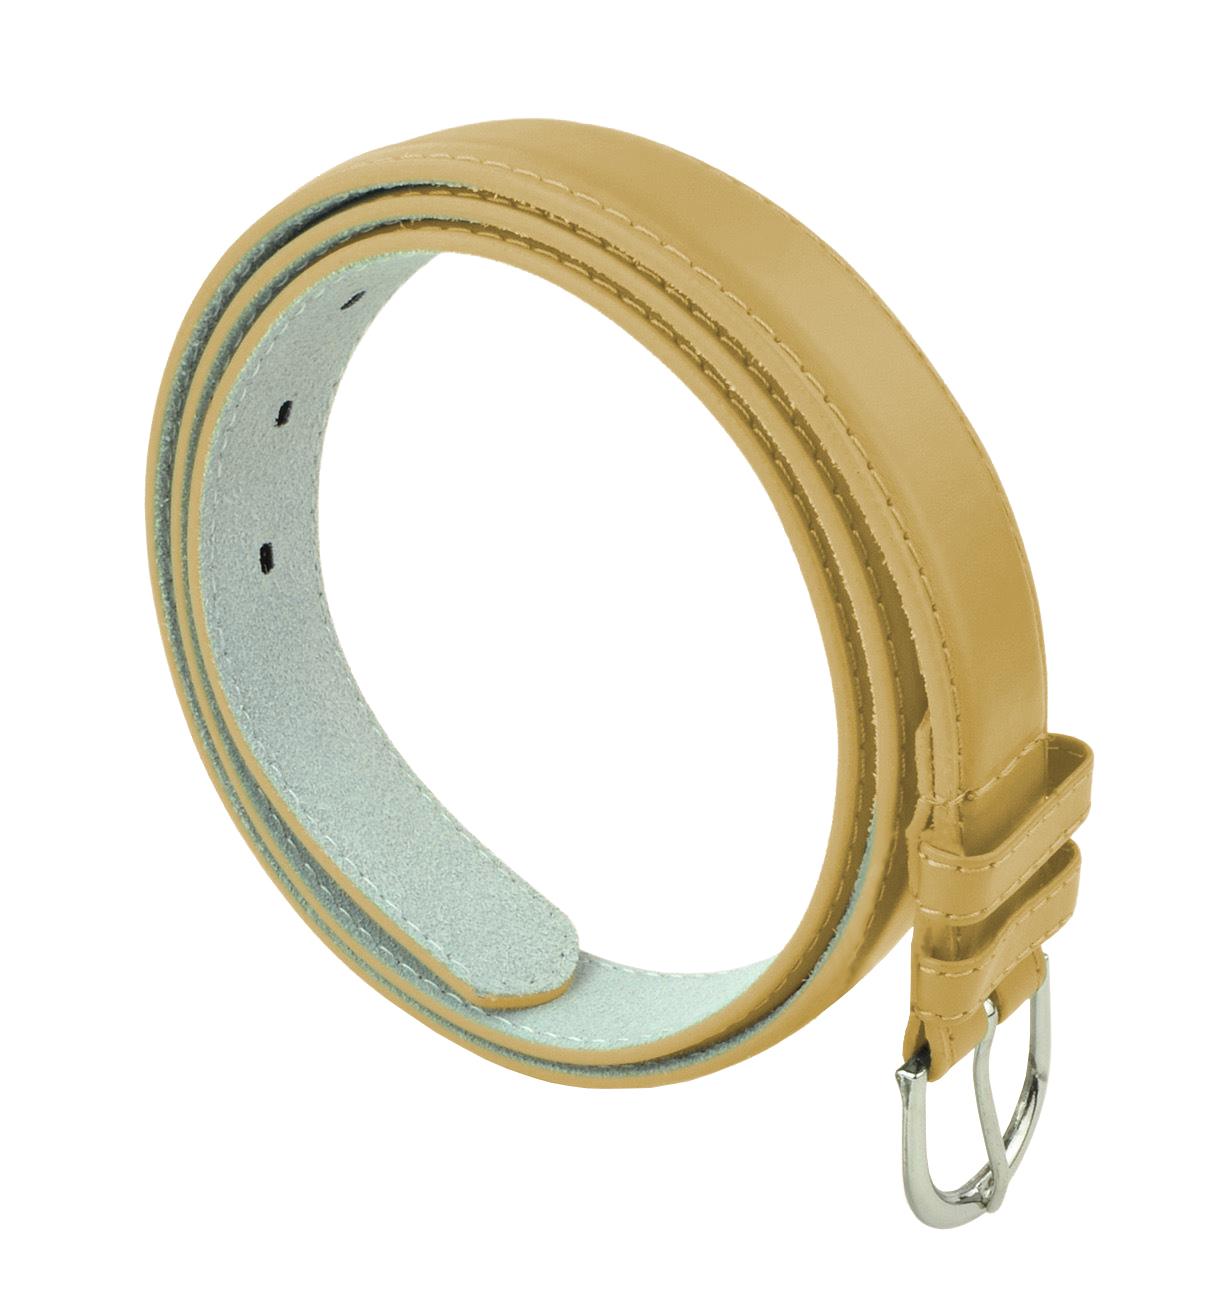 Womens Chic Dress Belt Bonded Leather Polished Buckle - Khaki Medium